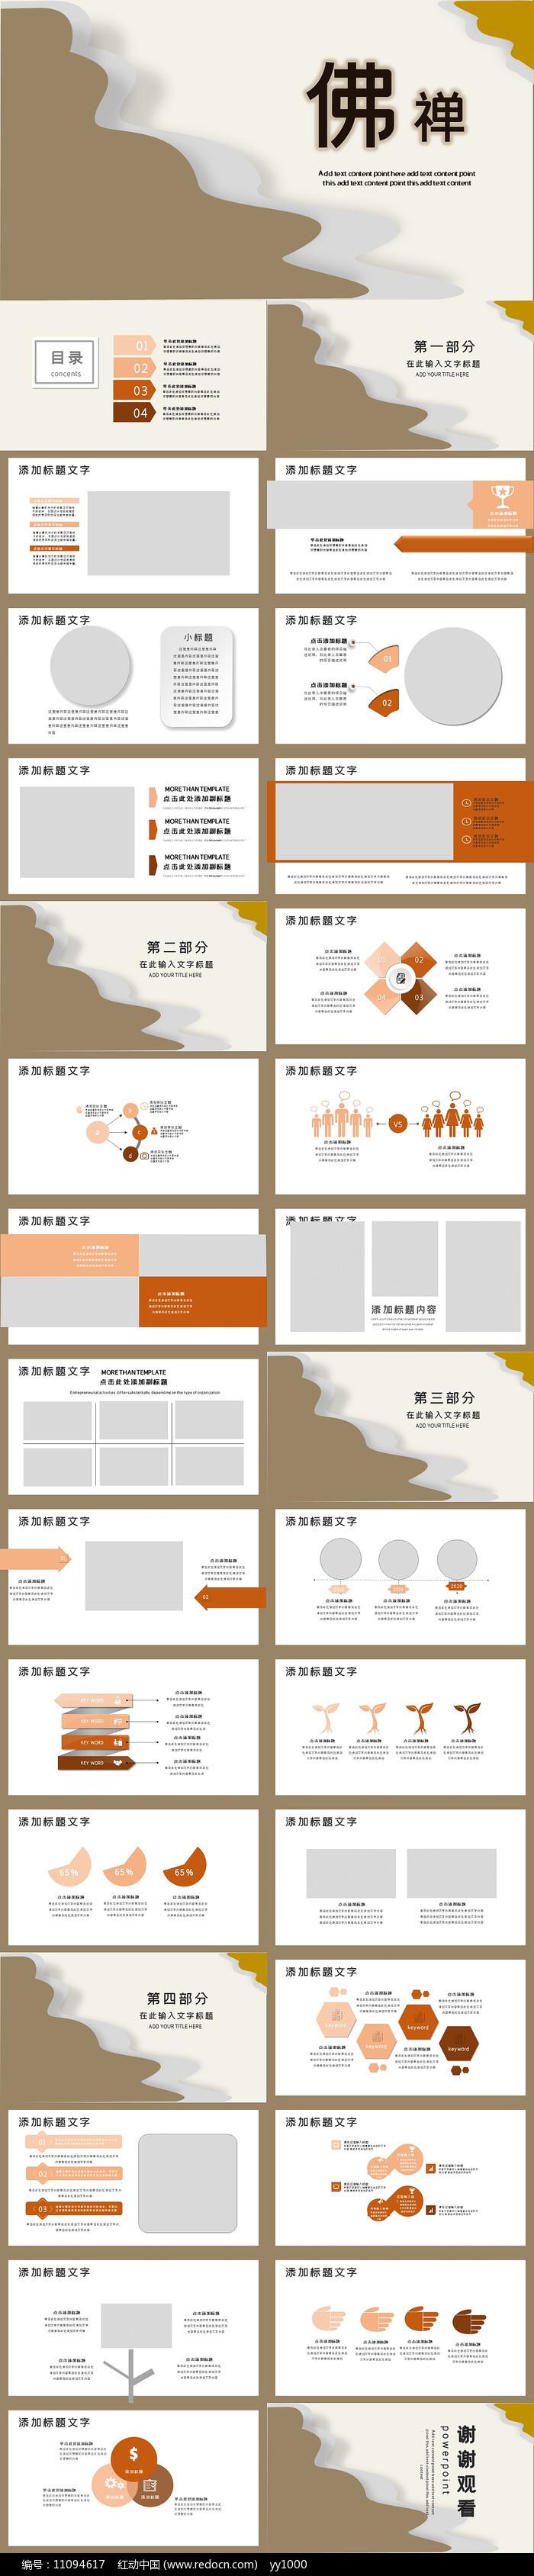 佛教佛学文化知识宣传PPT模板图片